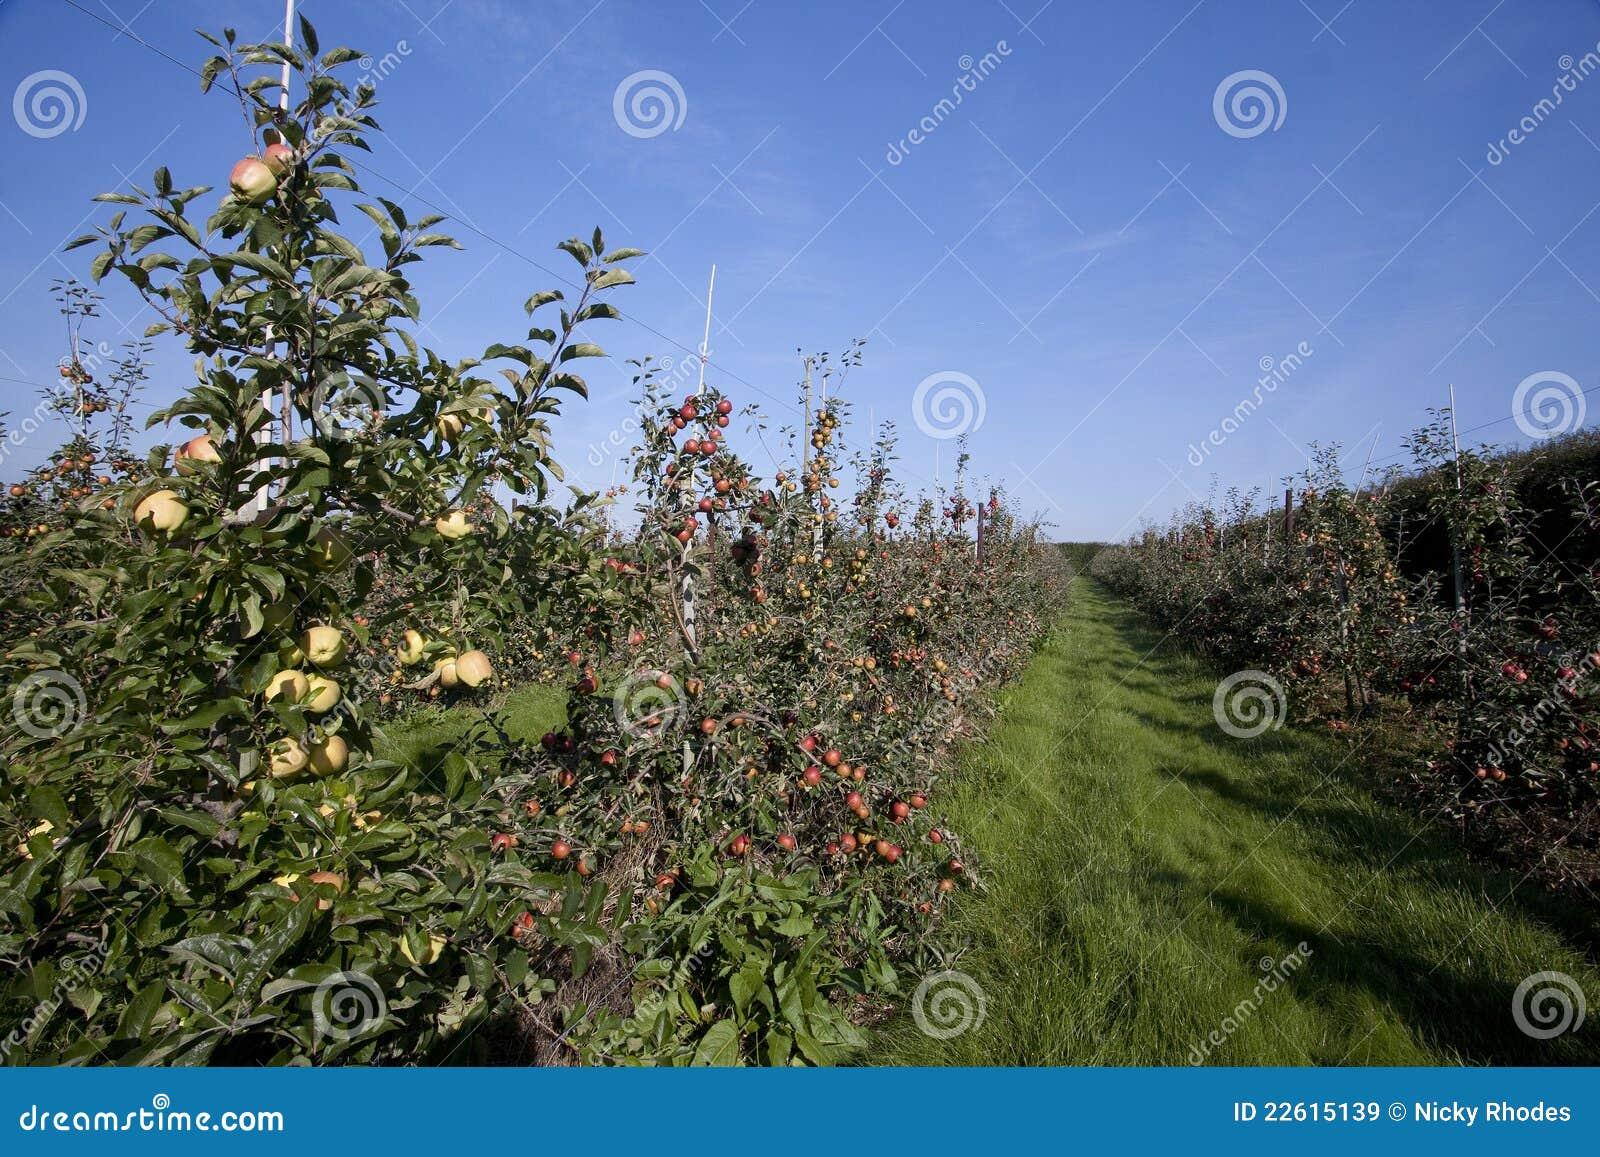 Rijen van appelbomen in een boomgaard